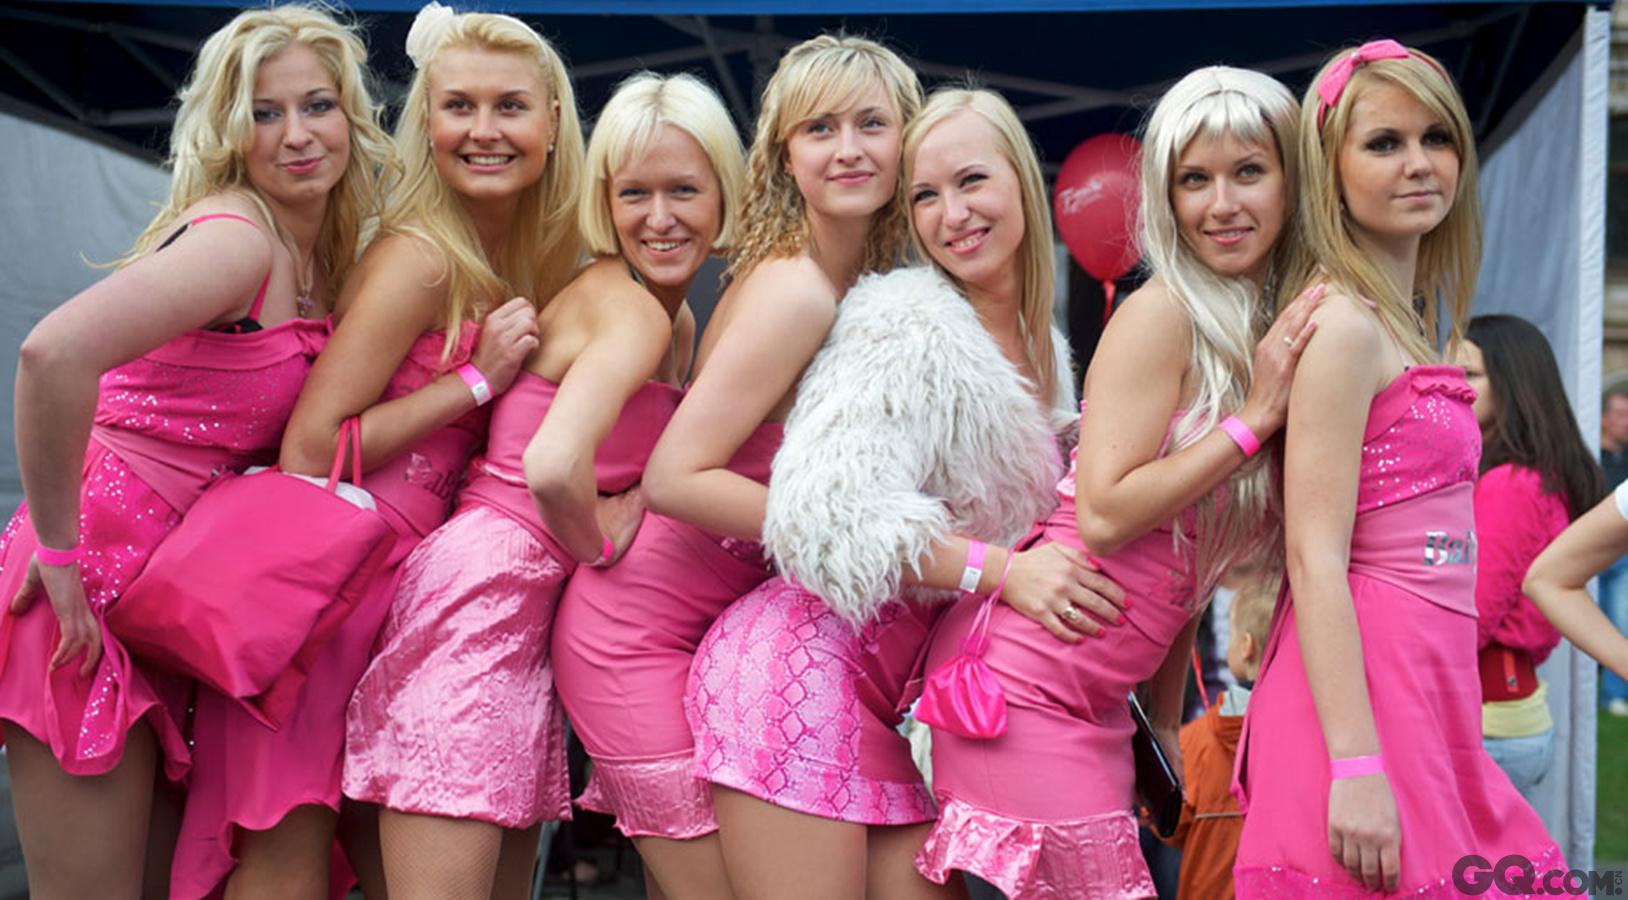 拉脱维亚虽然1918年才独立,但早在公元5世纪的时候就已经存在了,原被瑞典和波兰占领,后又被苏联兼并,故拉脱维亚姑娘兼具俄罗斯女性的美貌和西欧女性的优雅,同时还保有了民族传统,而且知识层次普遍较高。可爱的拉脱维亚姑娘们还在为追求自己的幸福努力着,祝愿她们都有一个美好的未来。